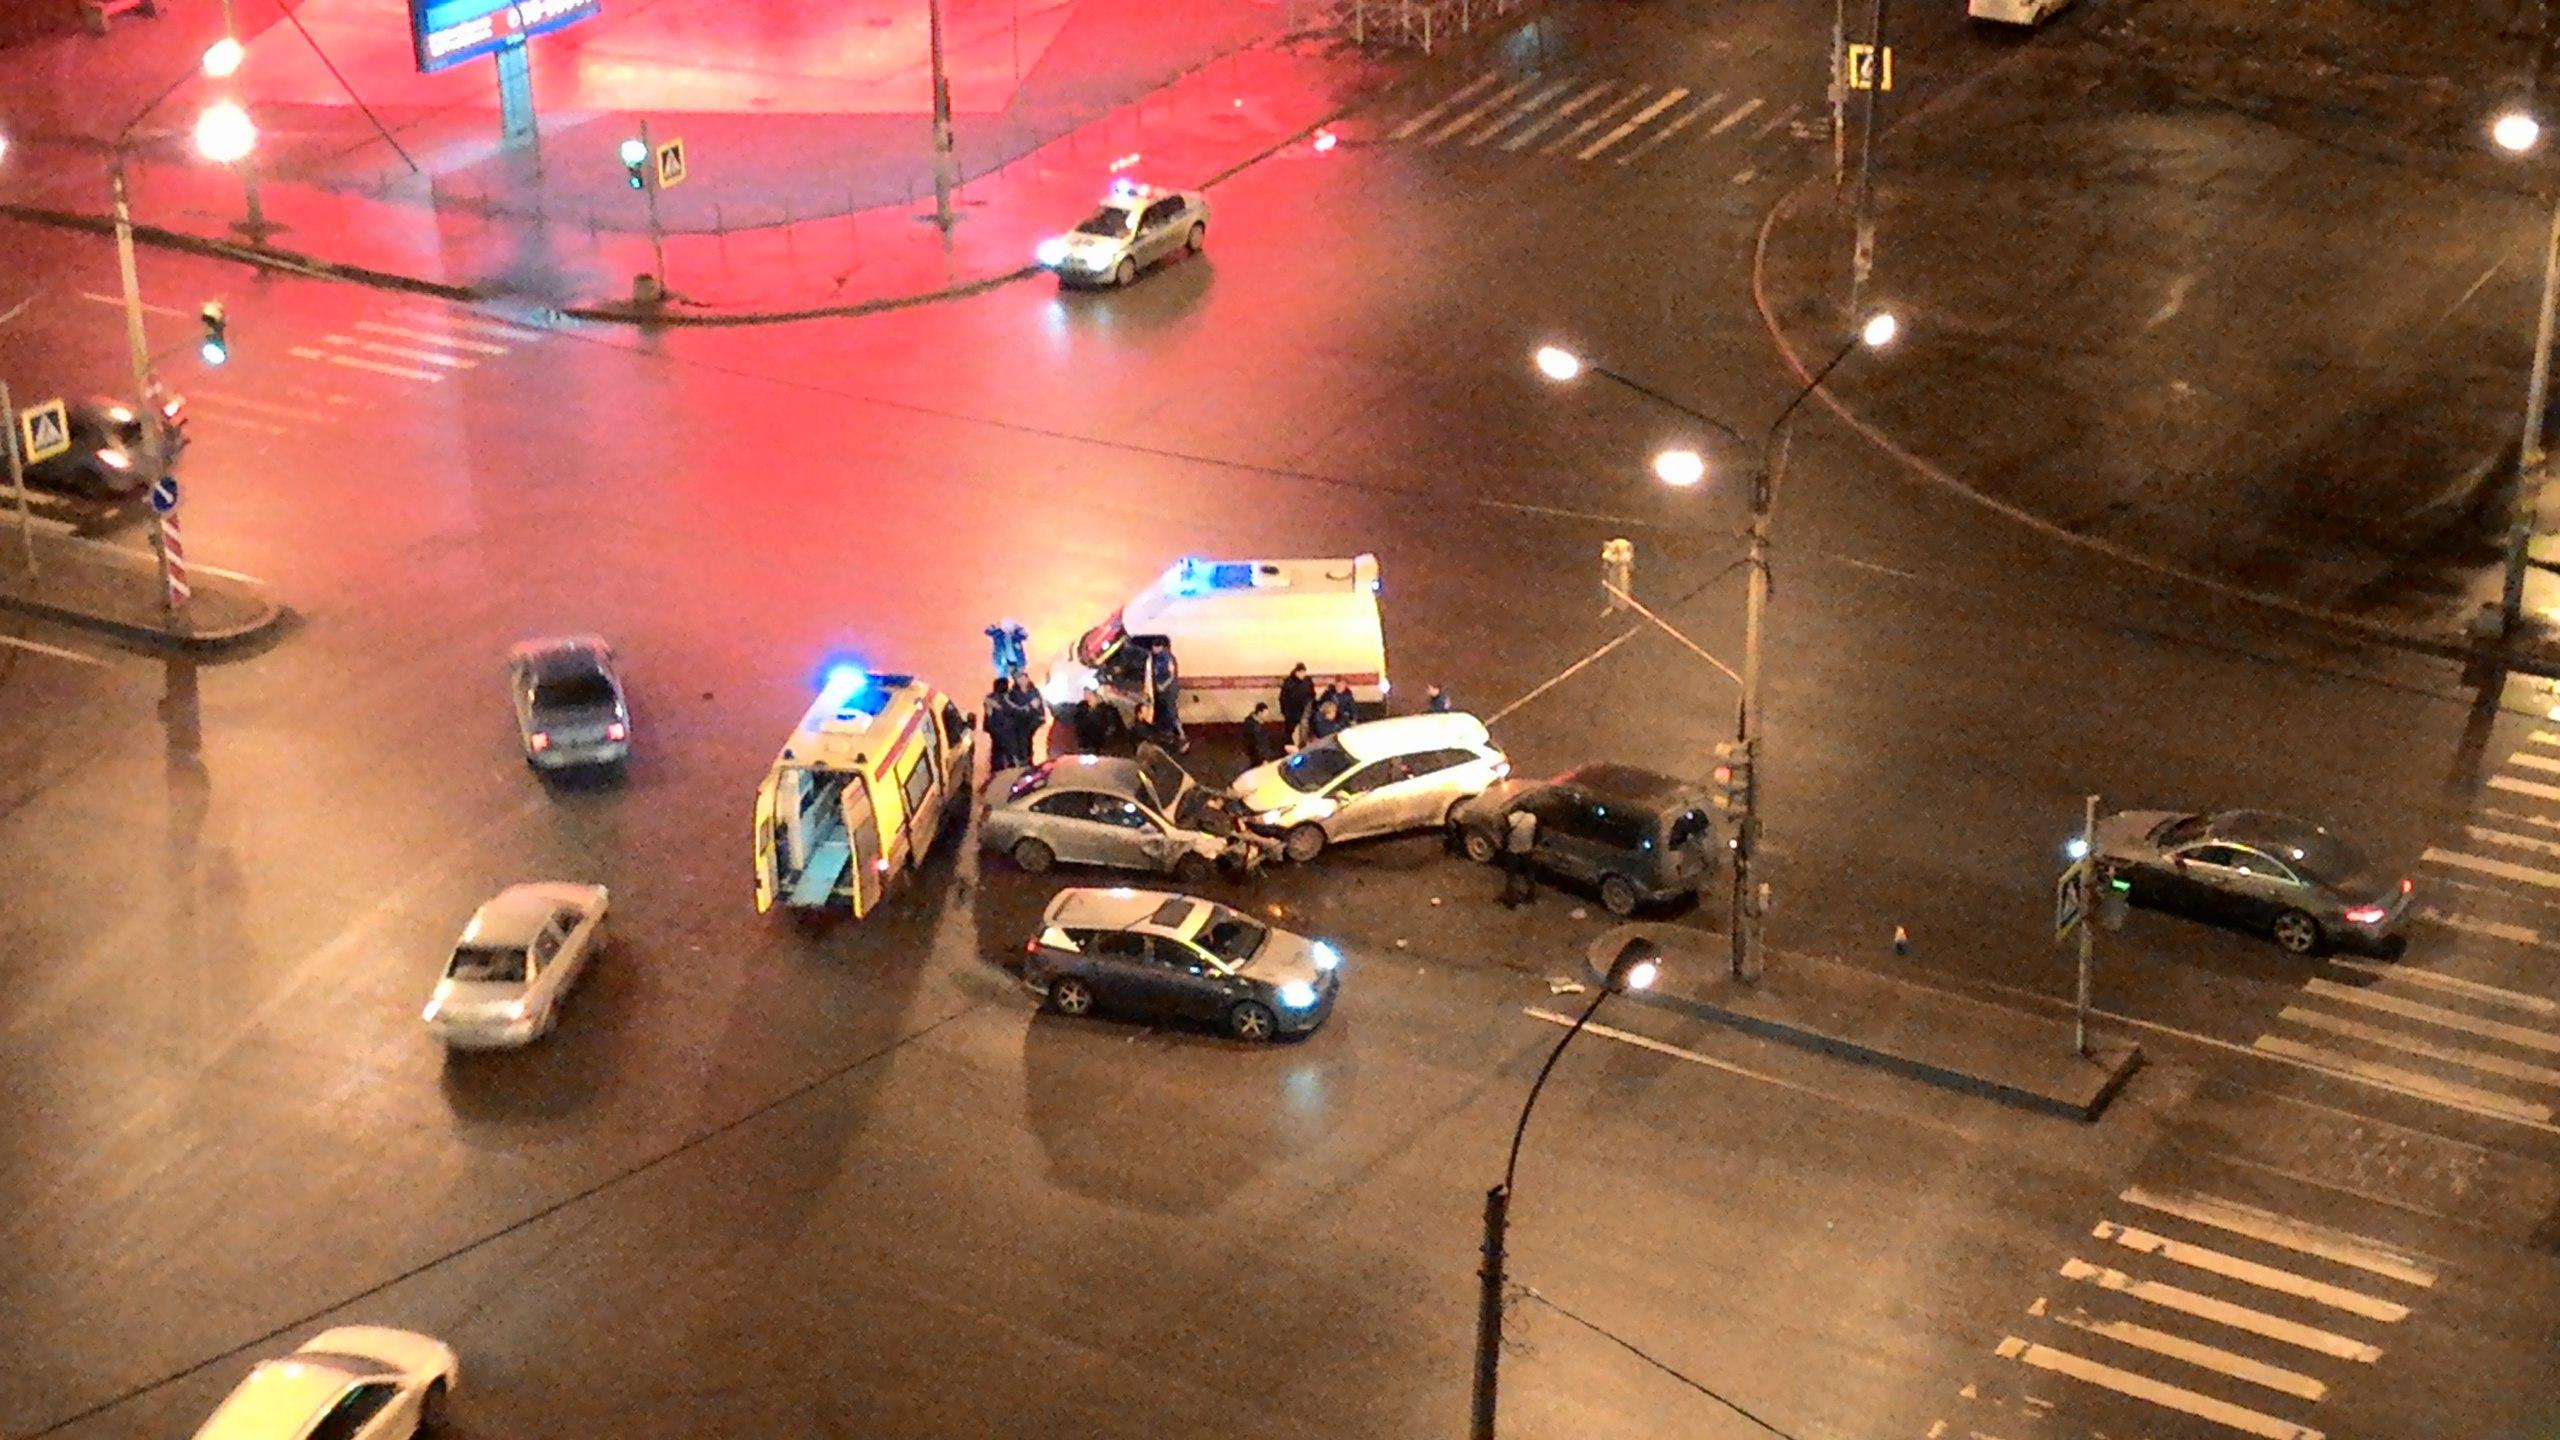 ВПитере наДунайском проспекте столкнулось 4 автомобиля